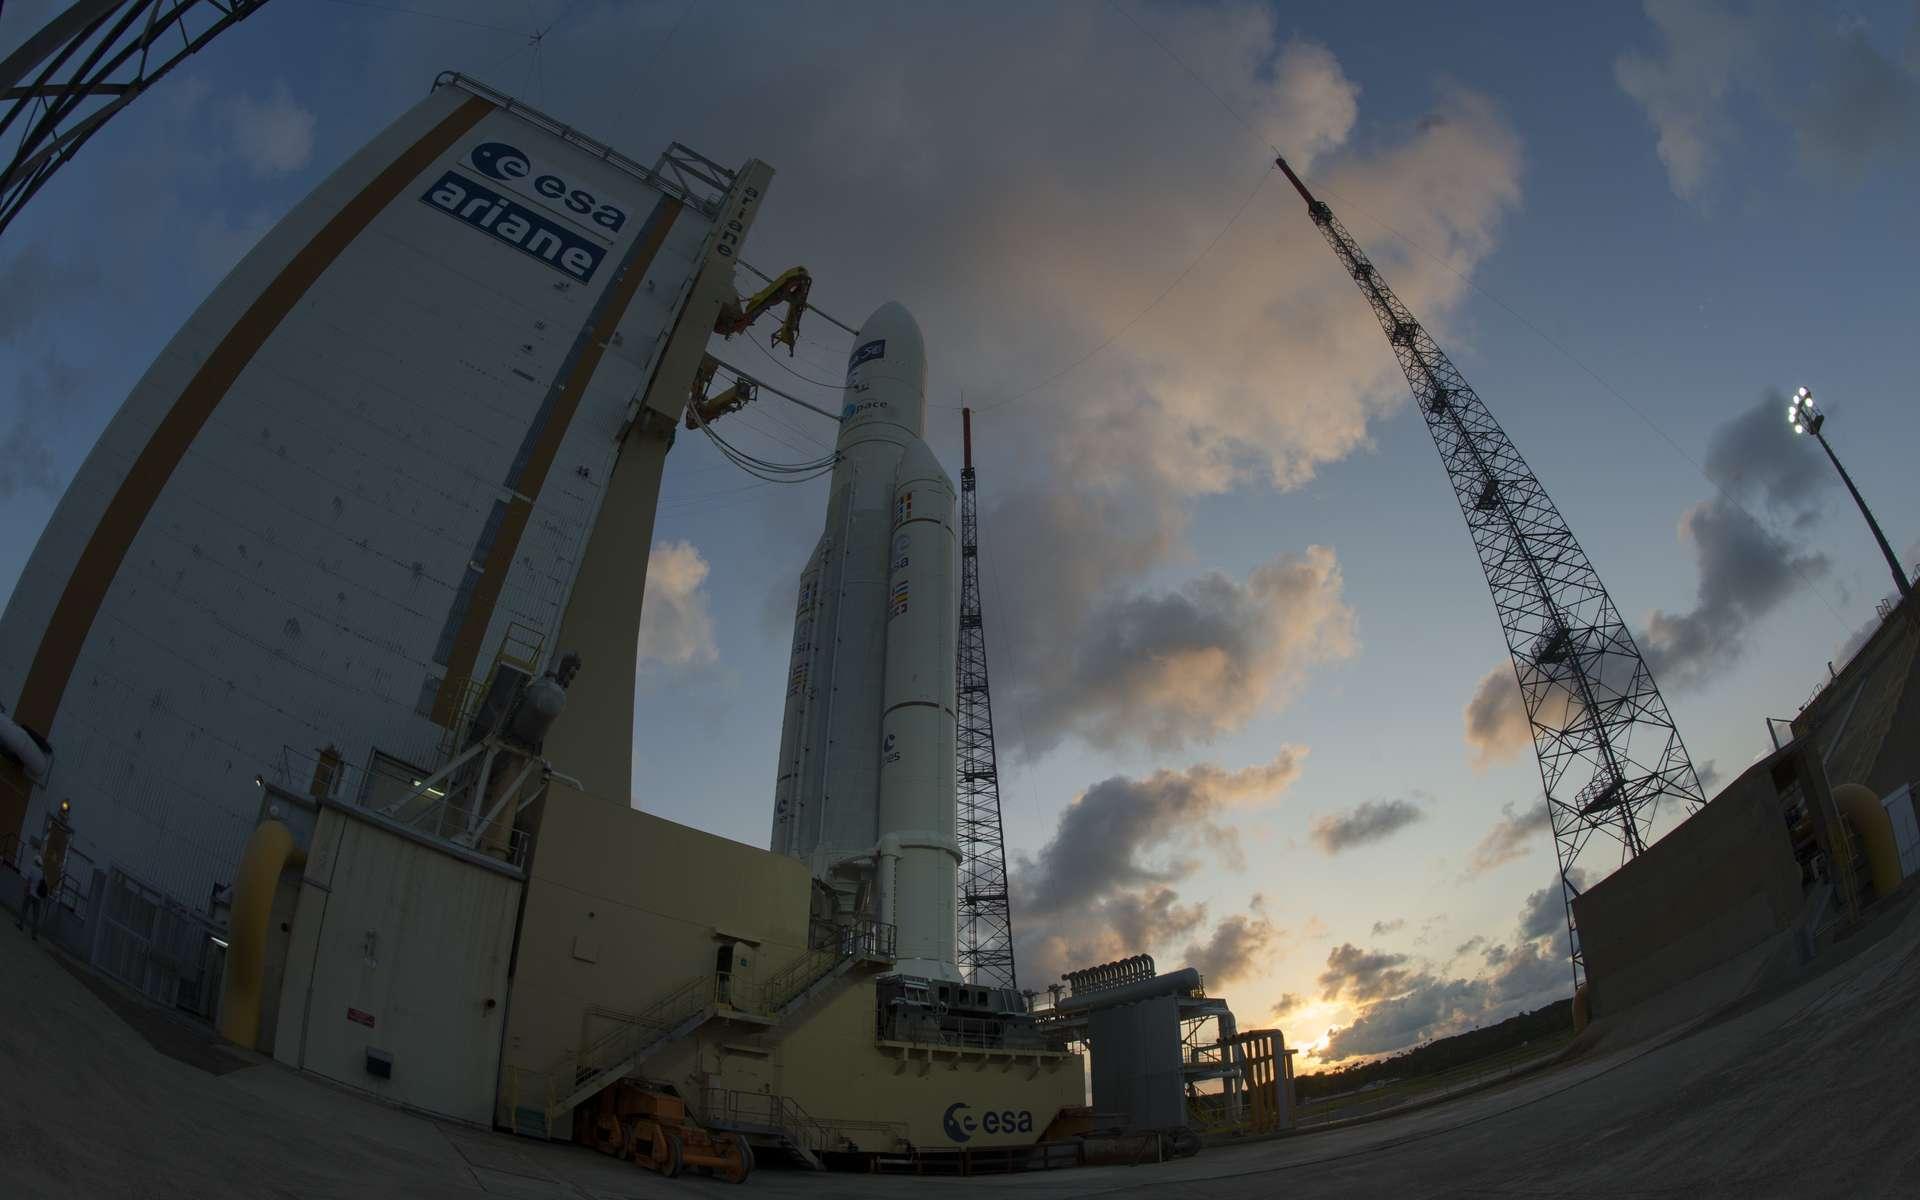 Le lanceur Ariane 5 ES photographié le 29 juillet 2014 au matin lors de son transfert vers le pas de tir. Le lancement du vol VA219, avec l'ATV-5 Georges Lemaître, est prévu le 29 à 23 h 44 en temps universel. © Esa, S. Corvaja, 2014